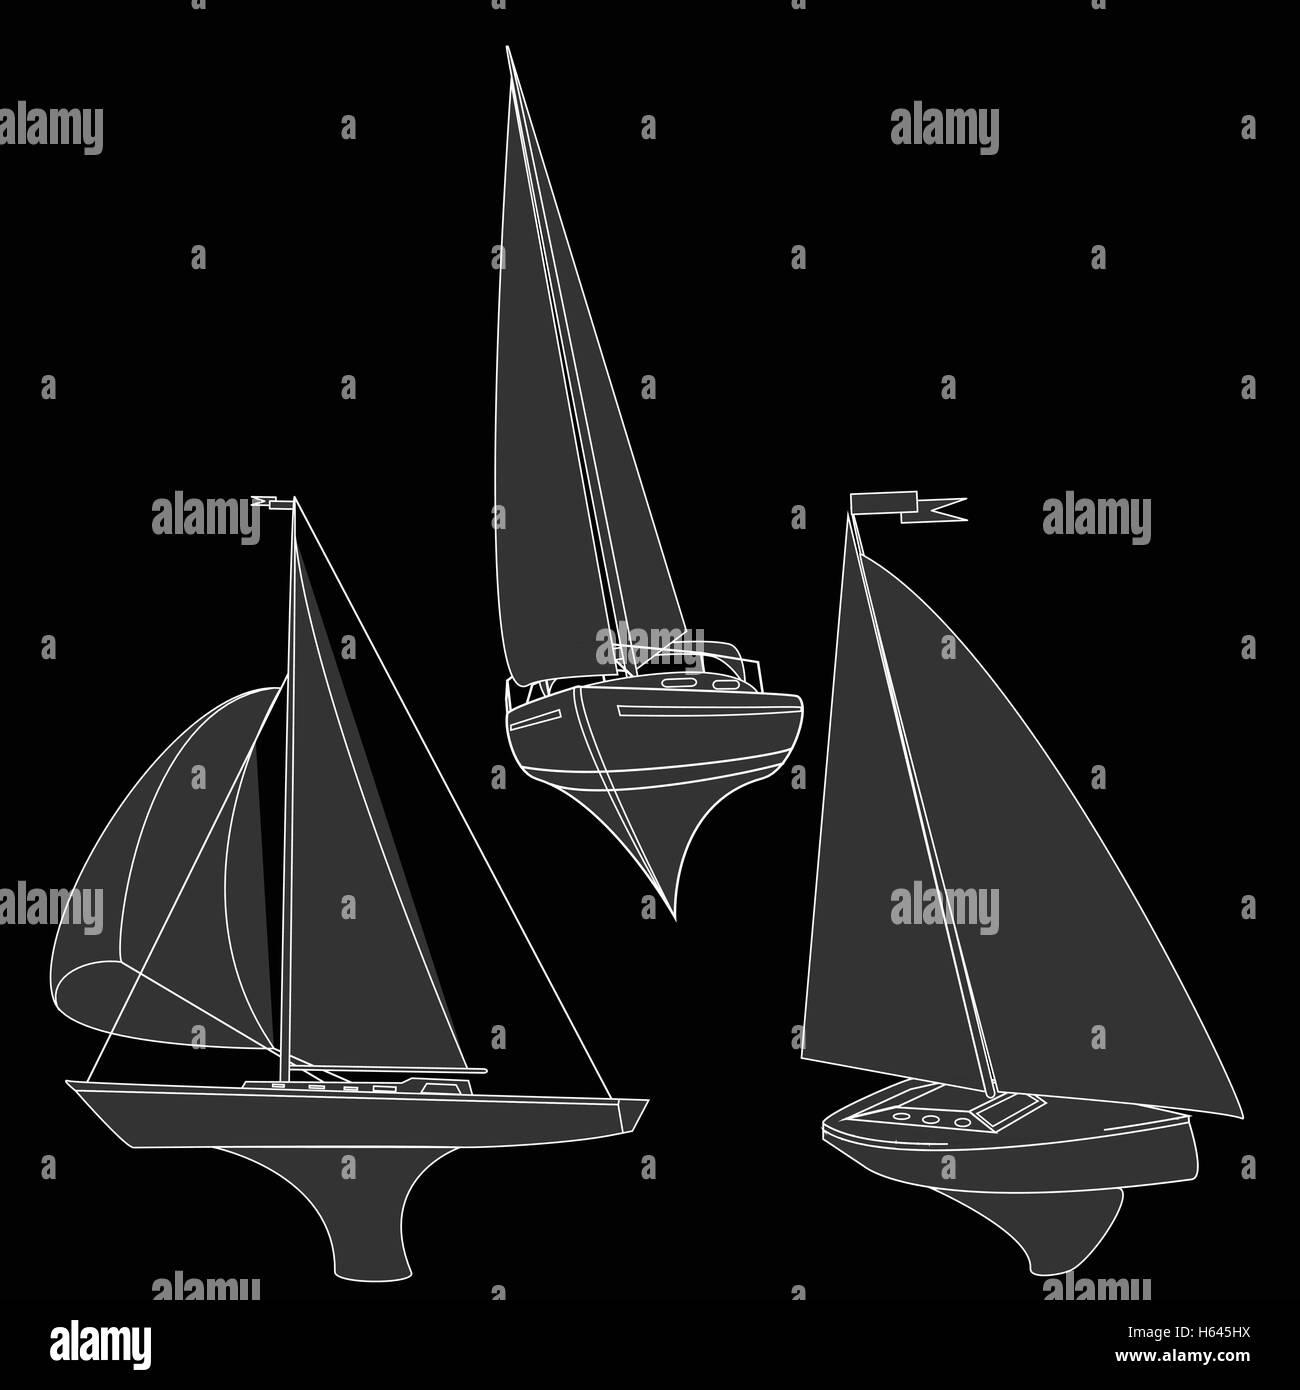 yacht vector illustration artvork Stock Vector